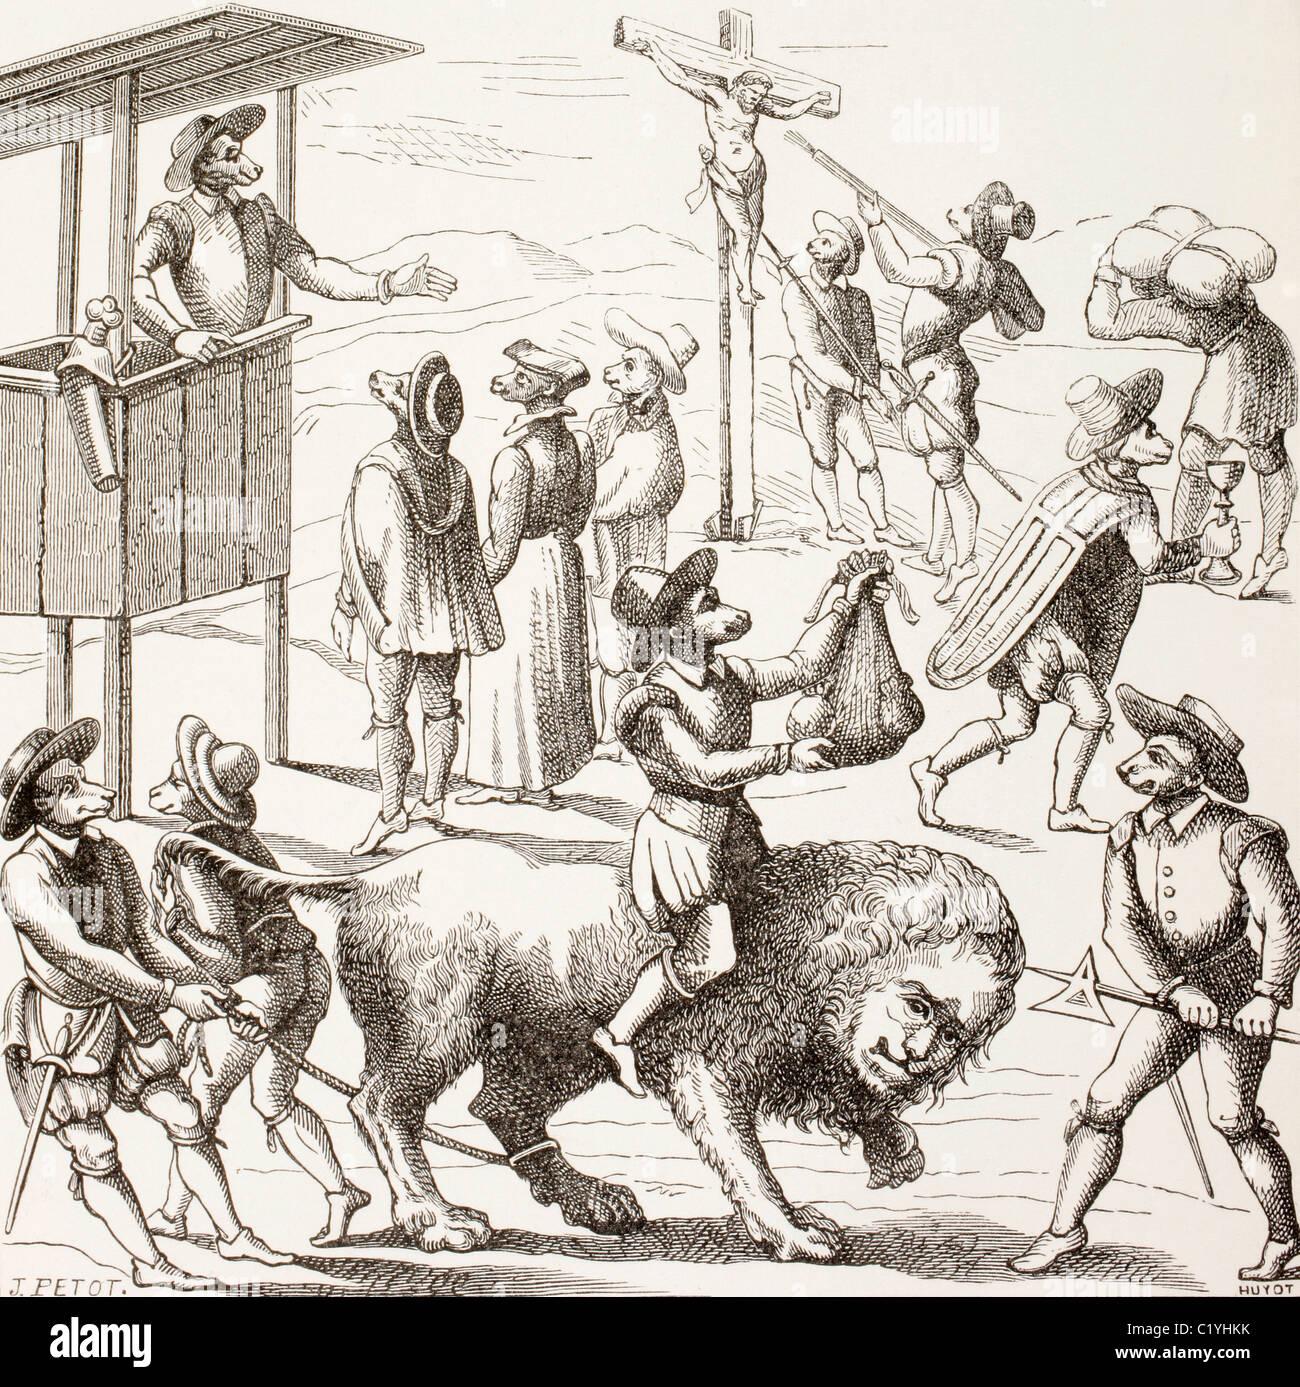 Allegorischen Bild Exzesse soll von den Hugenotten begangen wurden. Stockbild